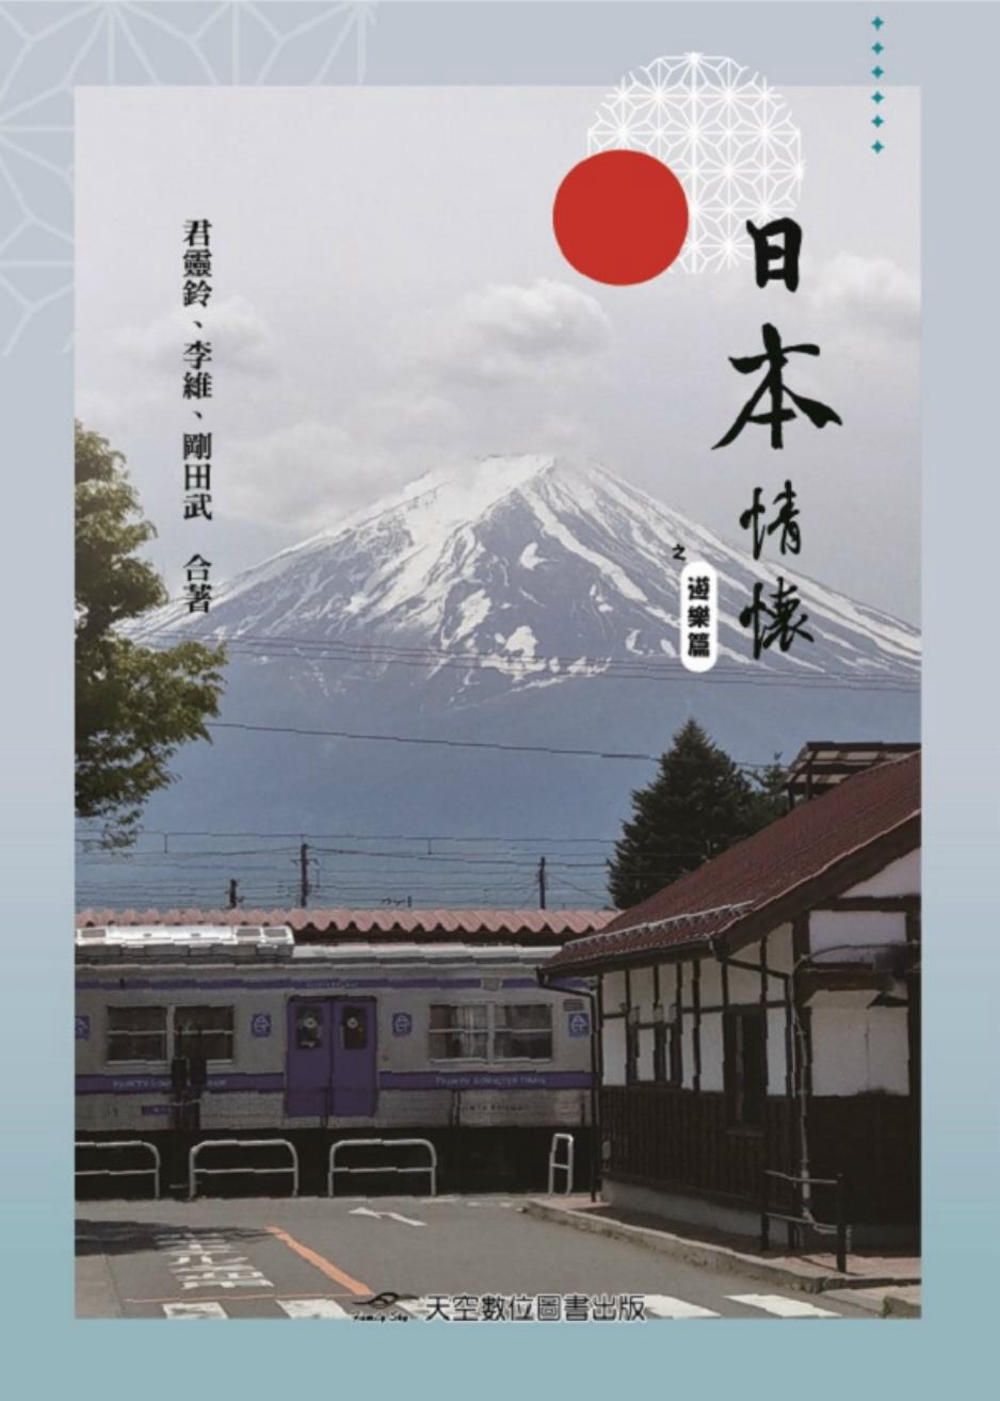 日本情懷之遊樂篇